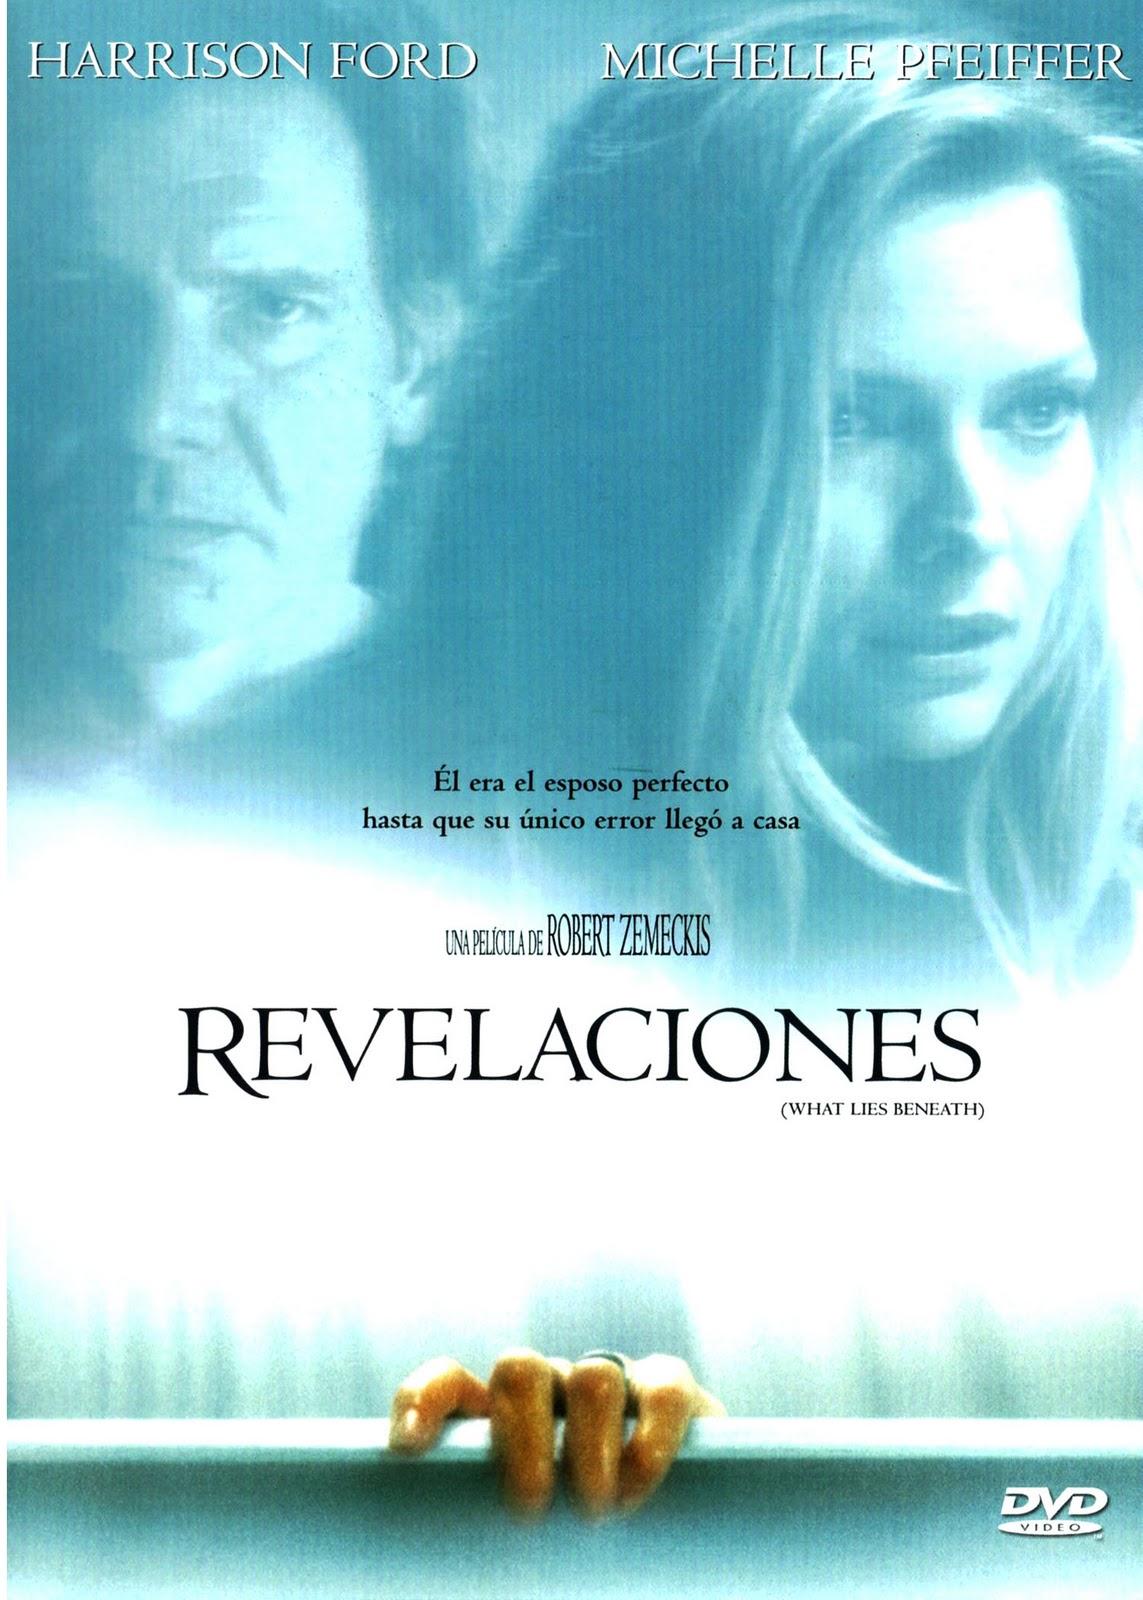 http://3.bp.blogspot.com/-132uDysB7ro/TuNVeDuRLmI/AAAAAAAAAhs/wB7ycRWYHkc/s1600/Revelaciones.jpg